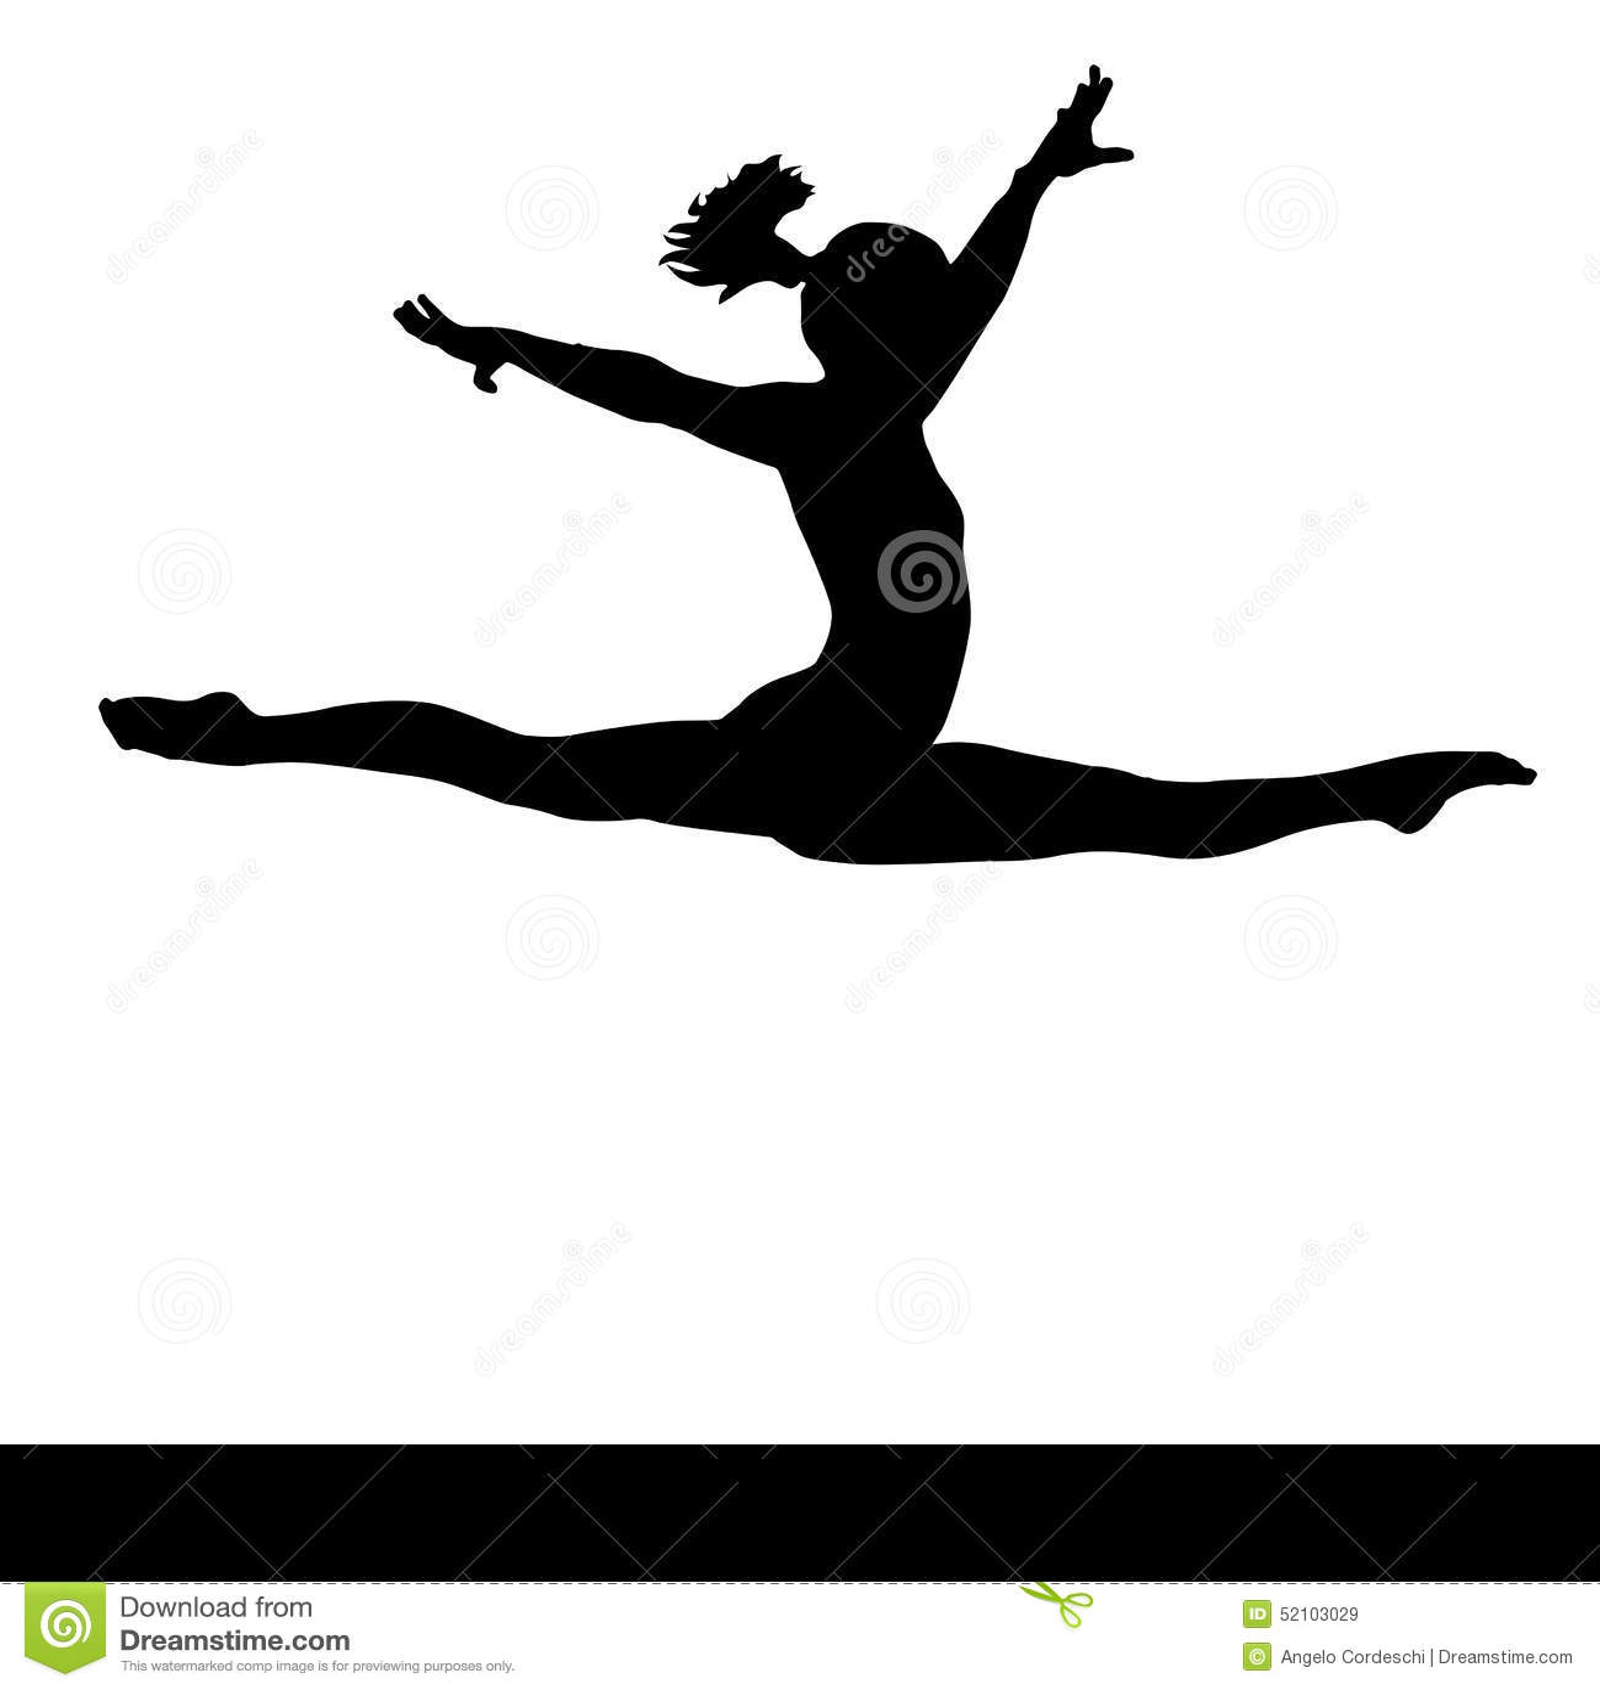 Tumbling Gymnastics Clip Art